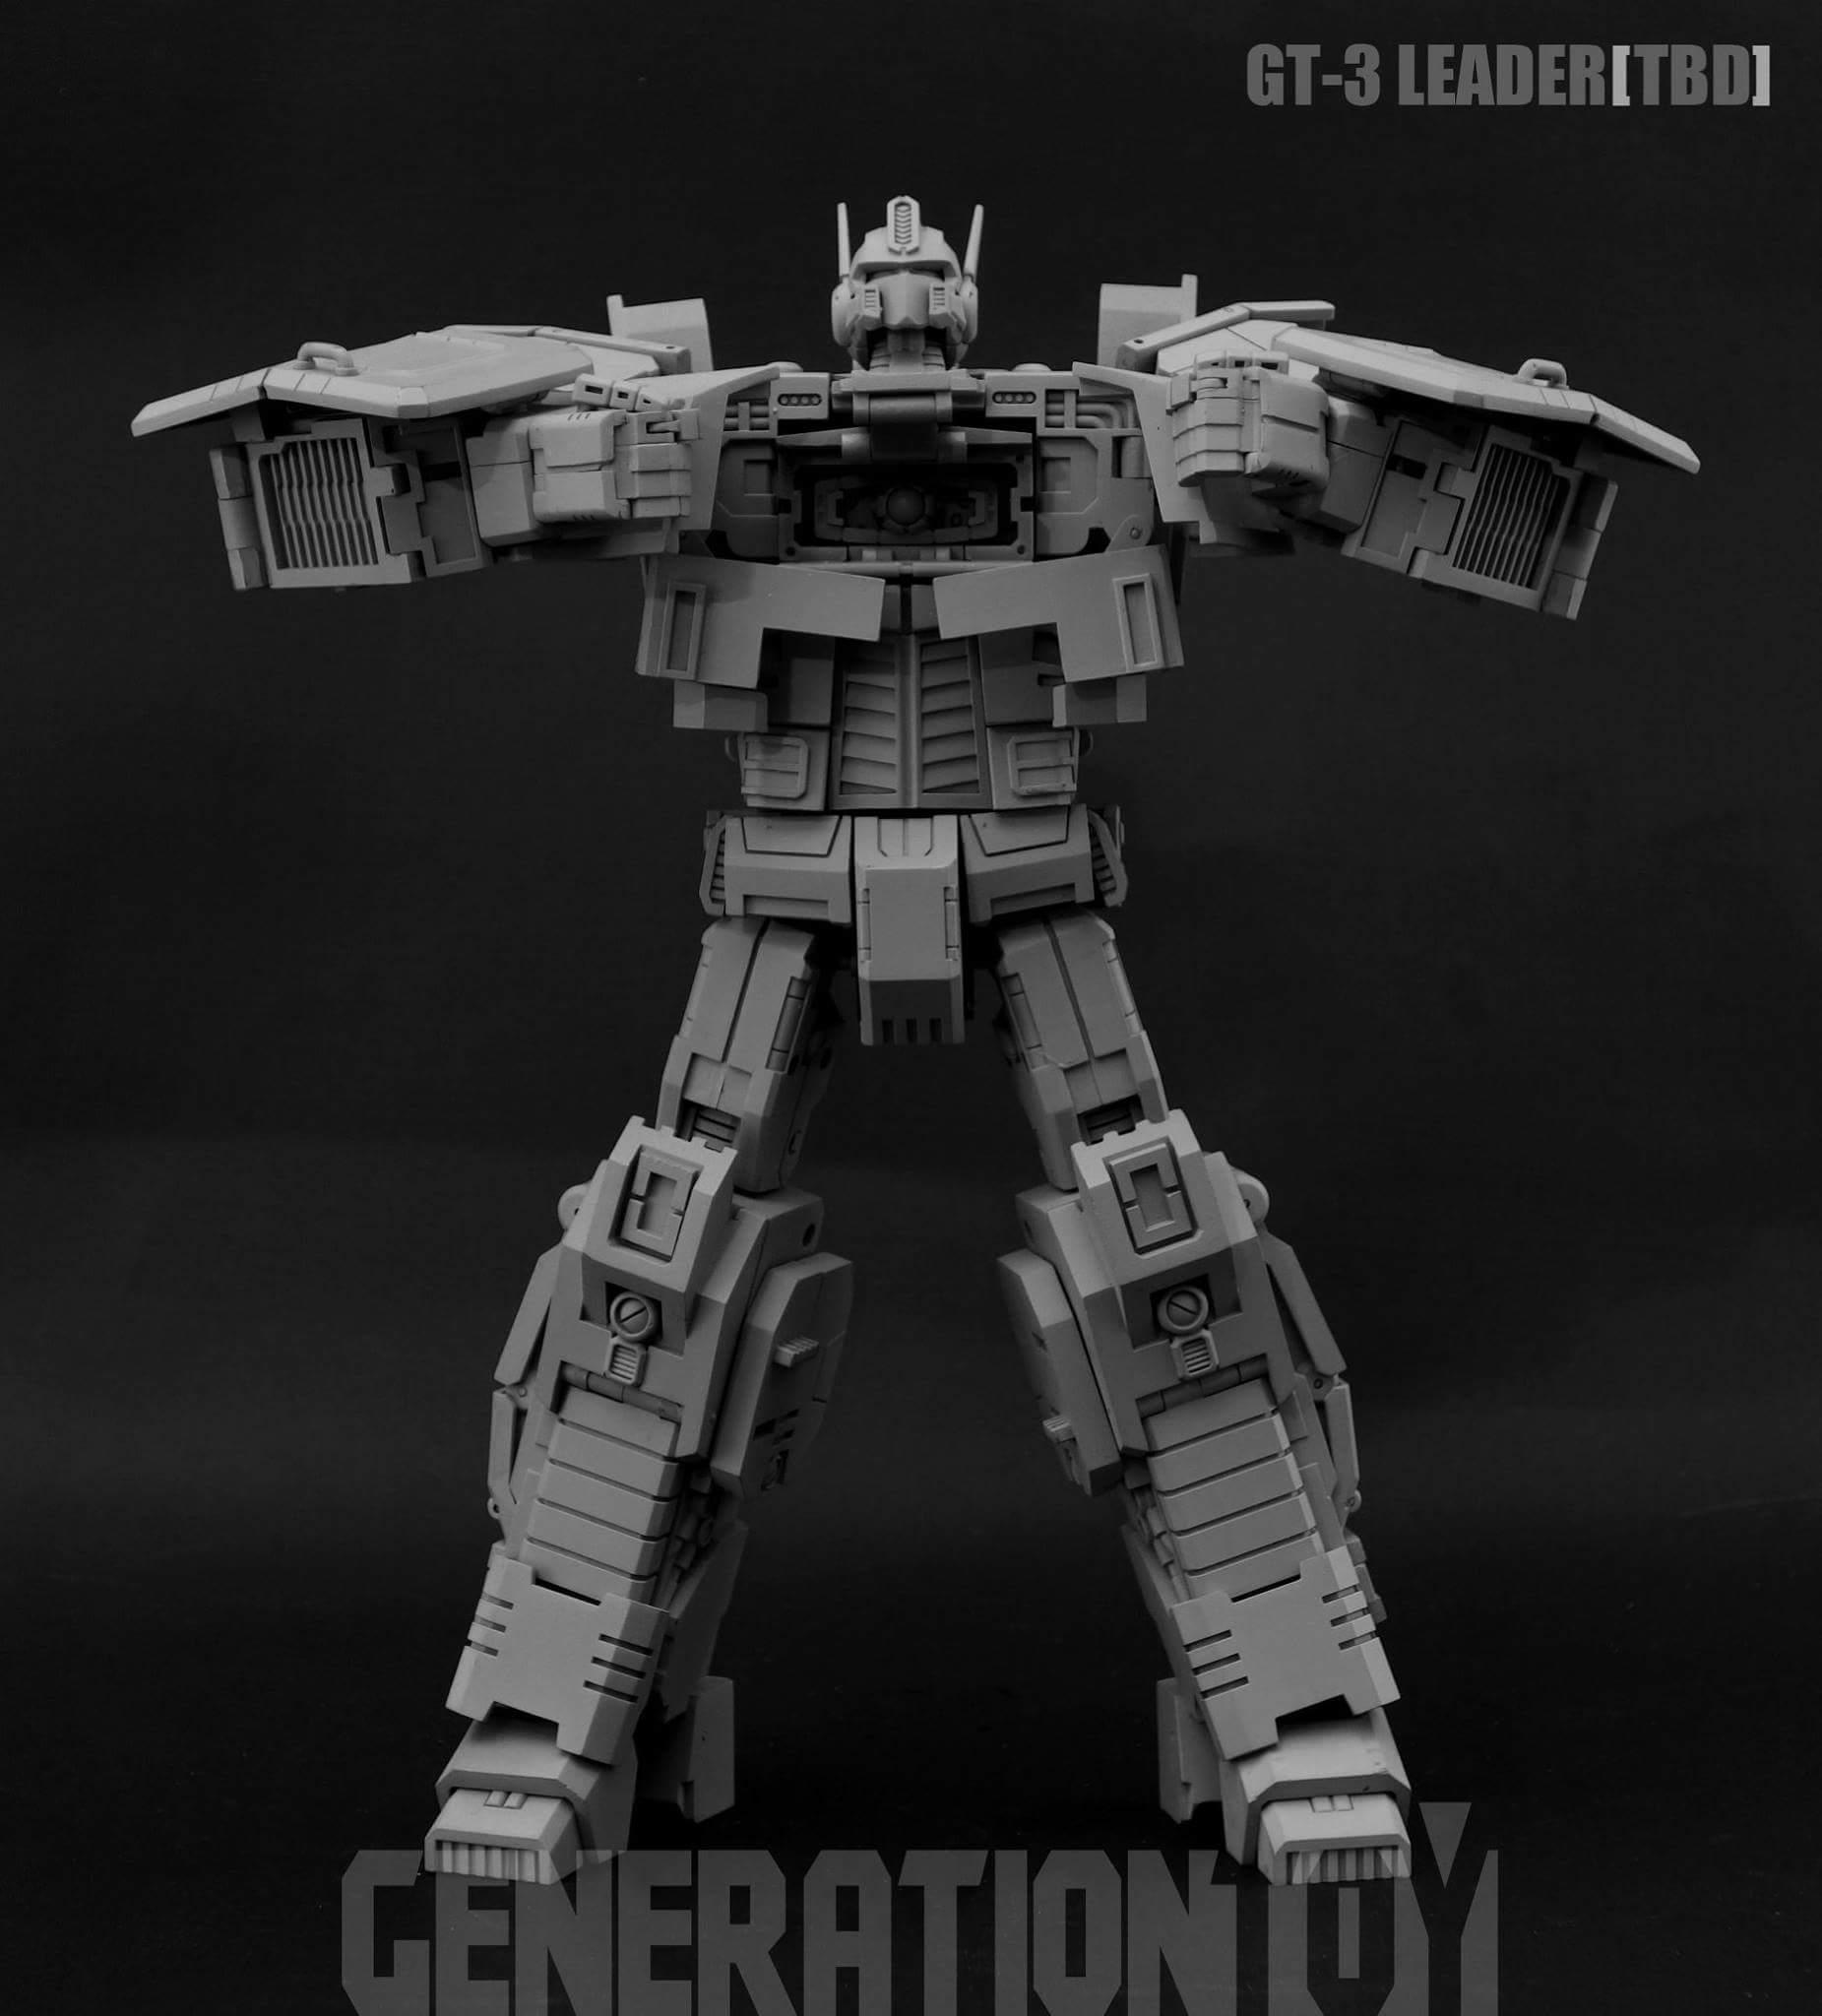 [Generation Toy] Produit Tiers - Jouets TF de la Gamme GT - des BD TF d'IDW - Page 3 50npng2S